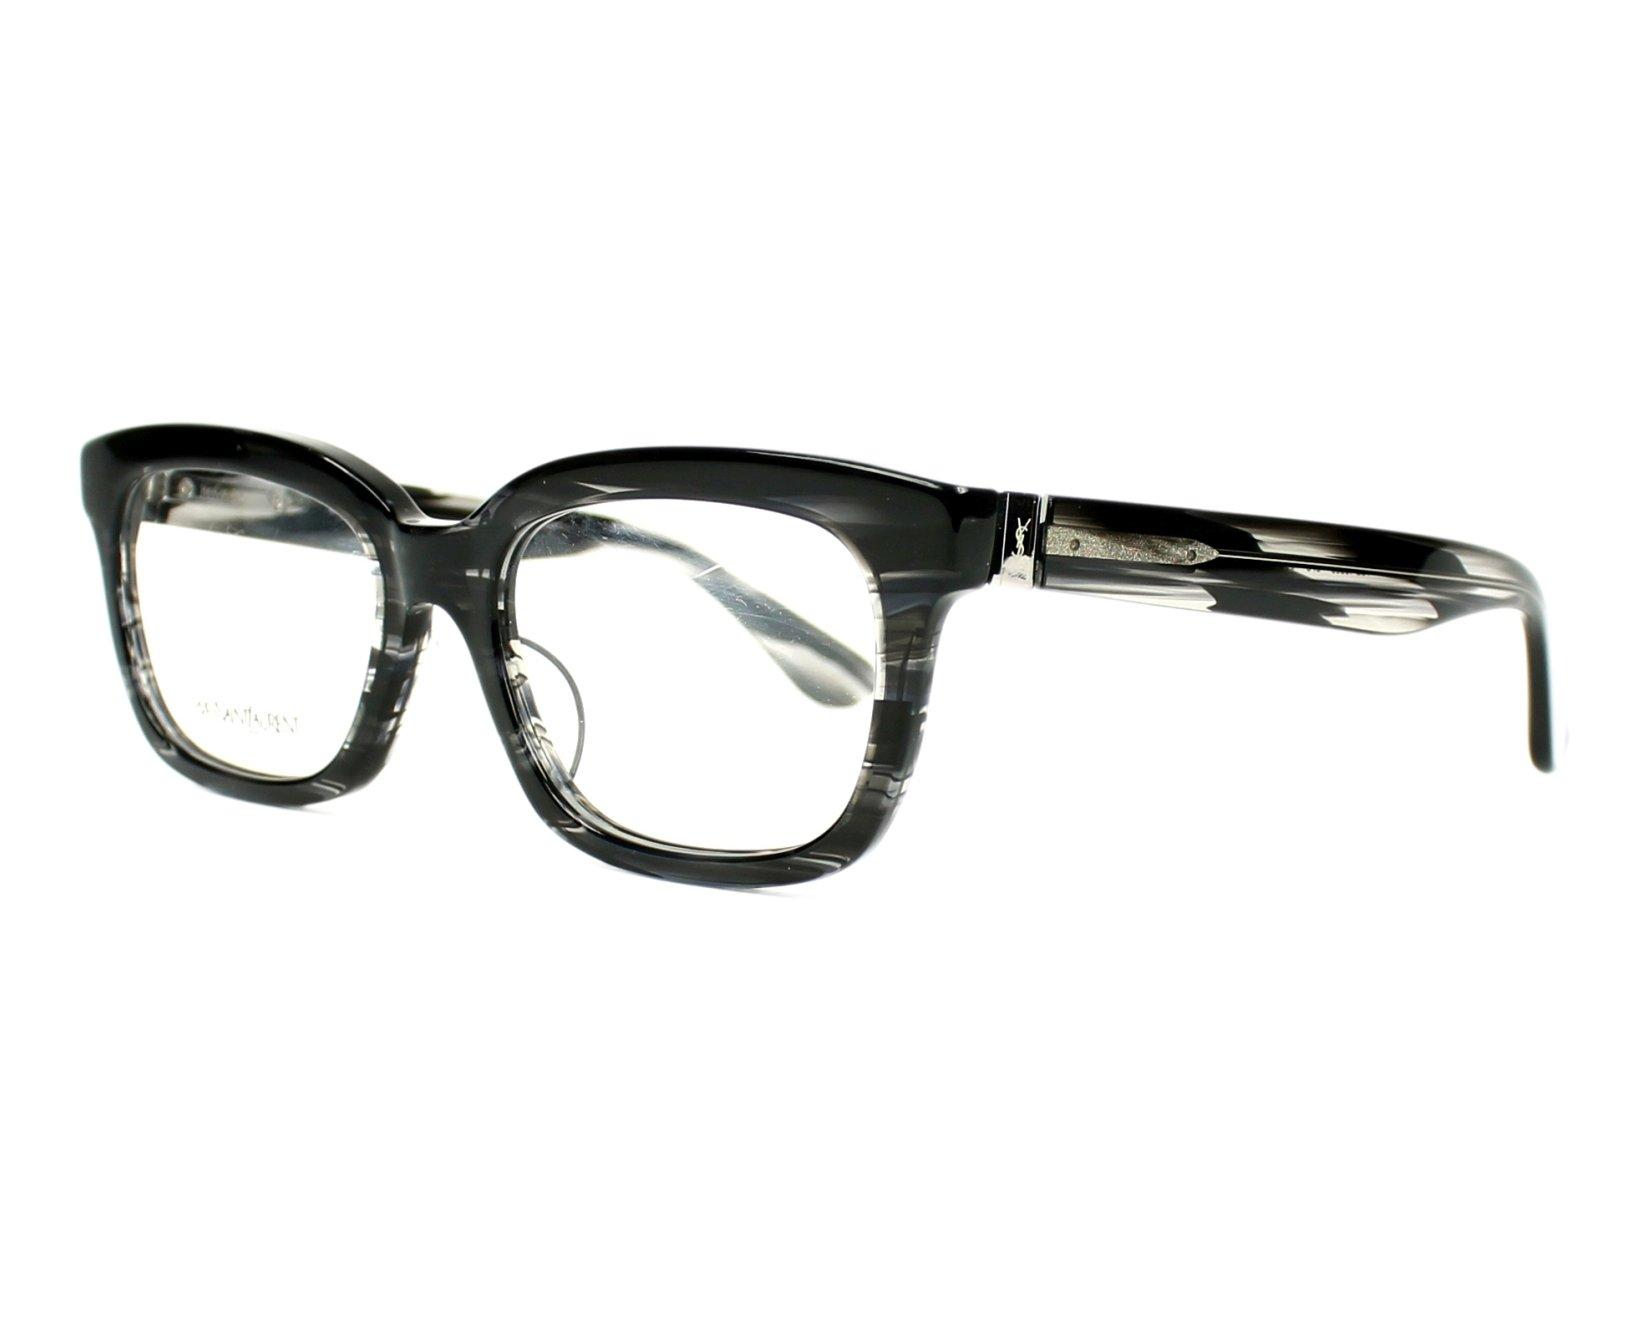 c75937651f3 Yves Saint Laurent eyeglasses YSL-4030-J 975 53 19 Black